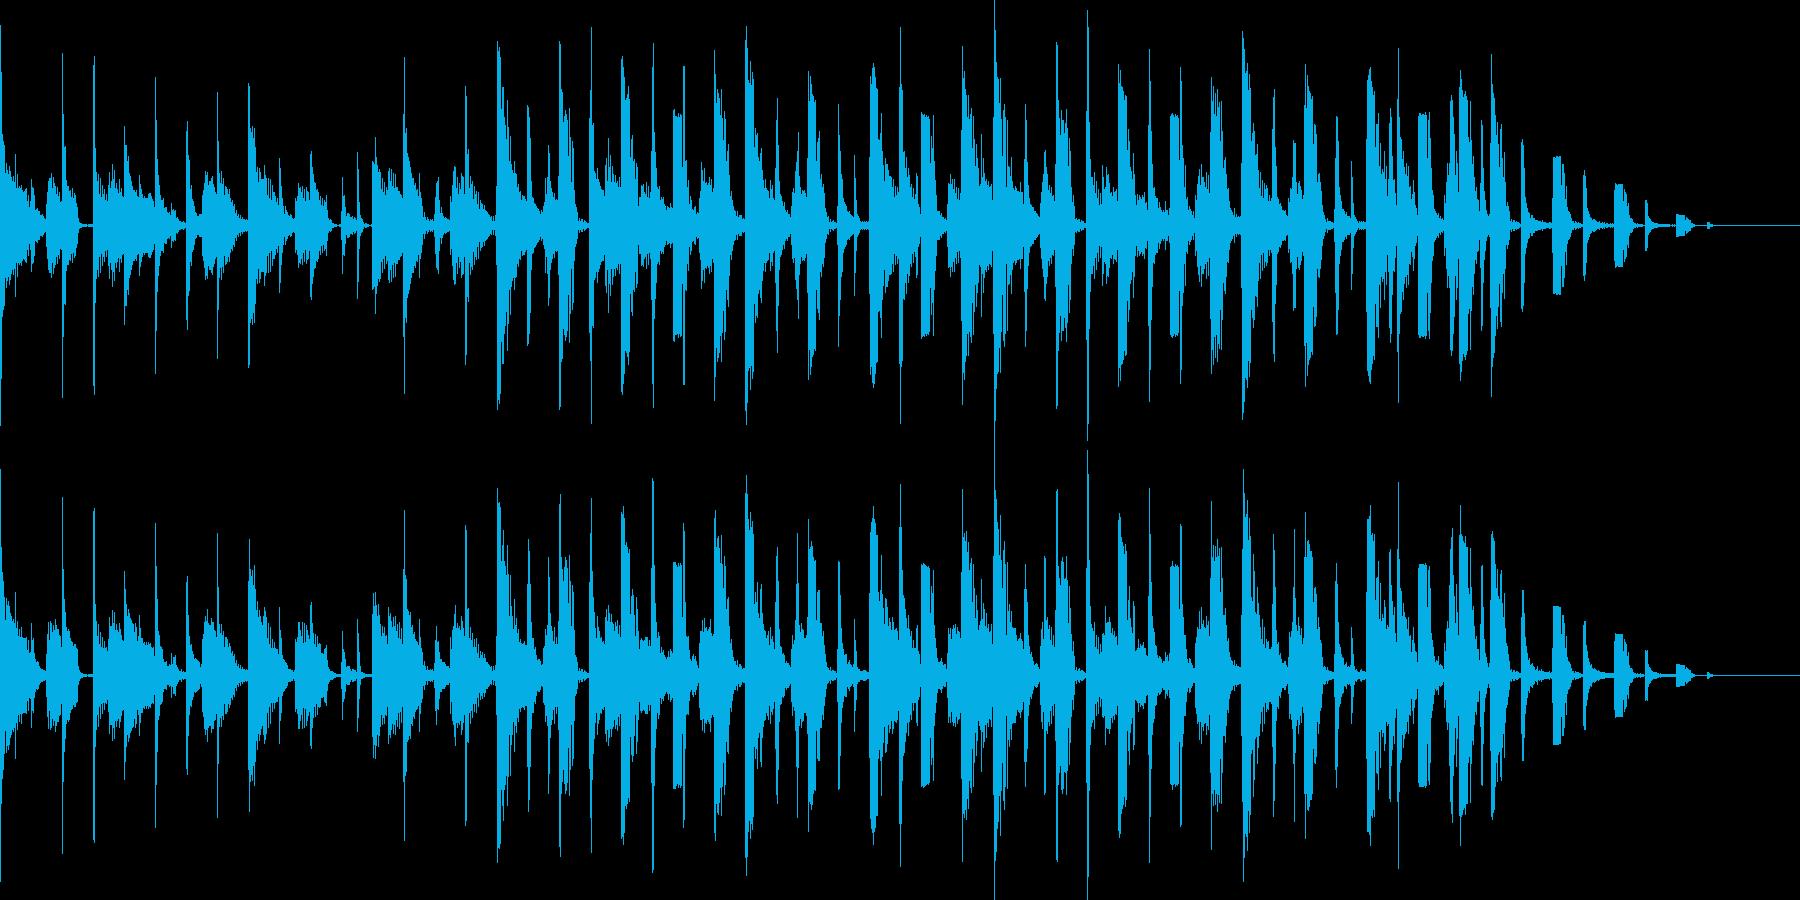 サンバをイメージしたBGMの再生済みの波形